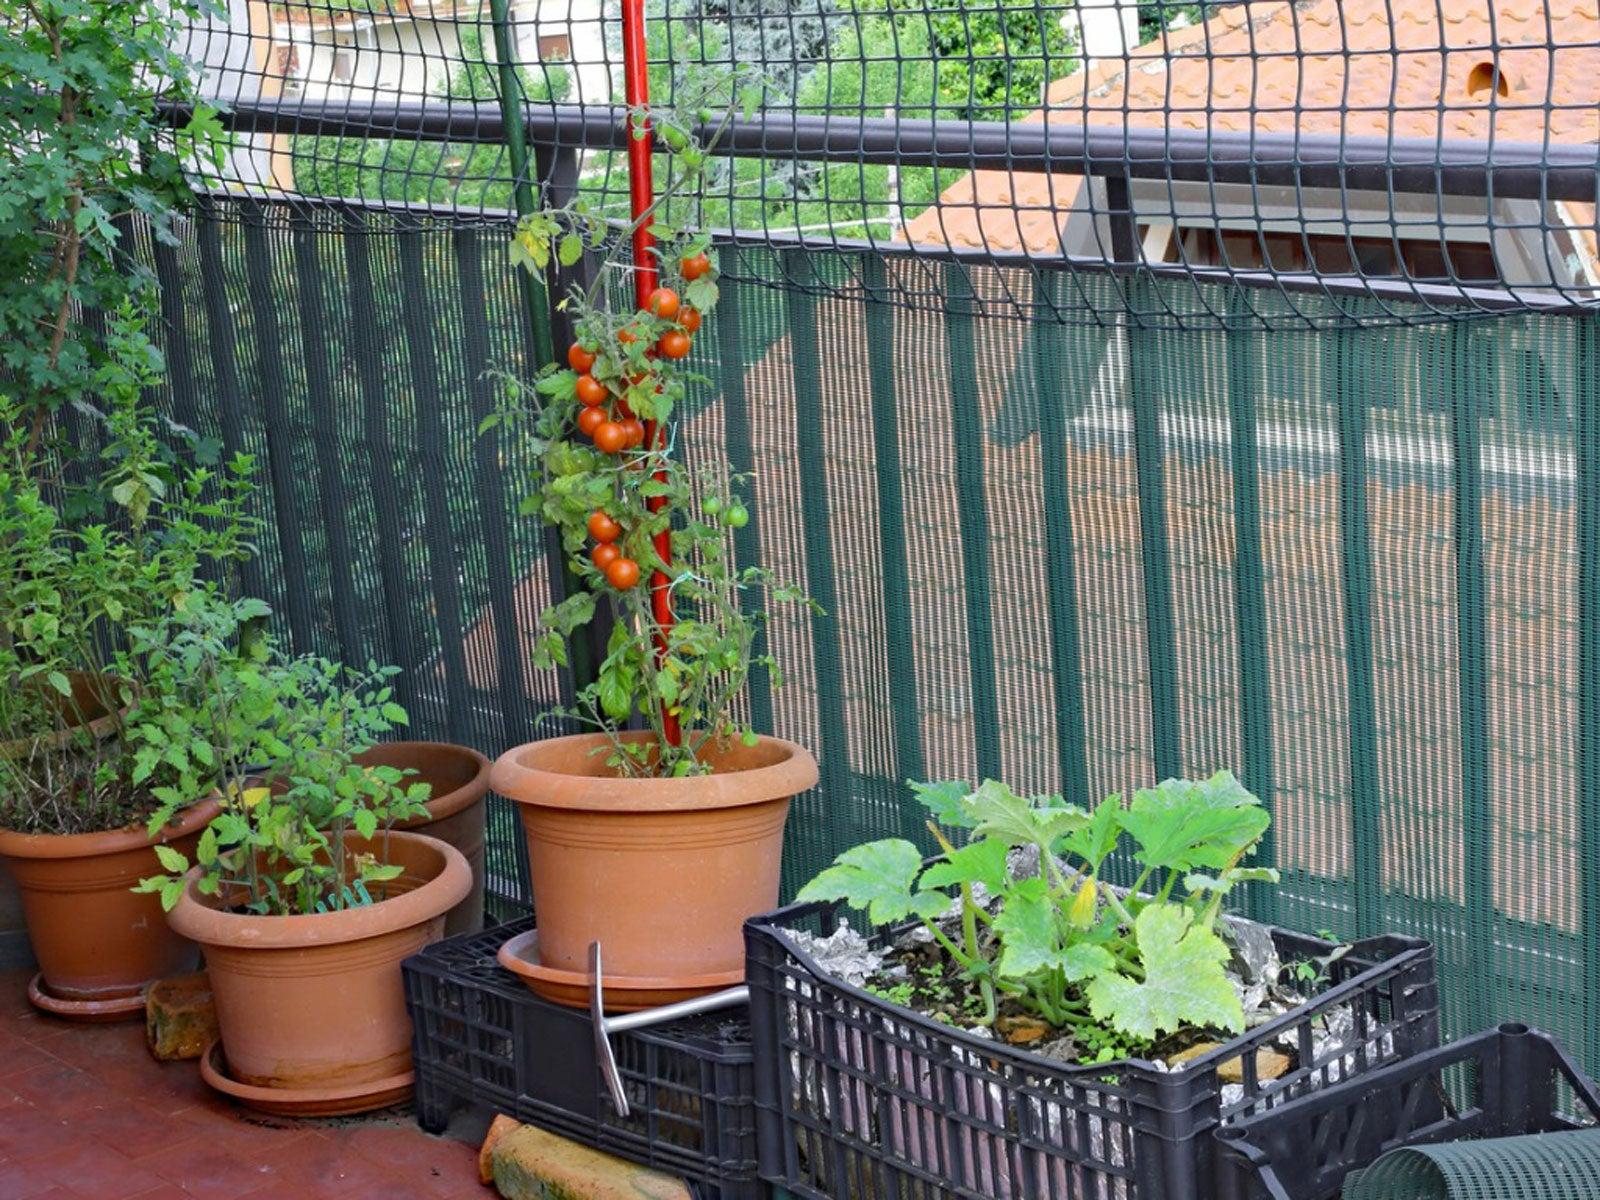 Balcony Vegetable Garden - Growing A Vegetable Garden On A Balcony